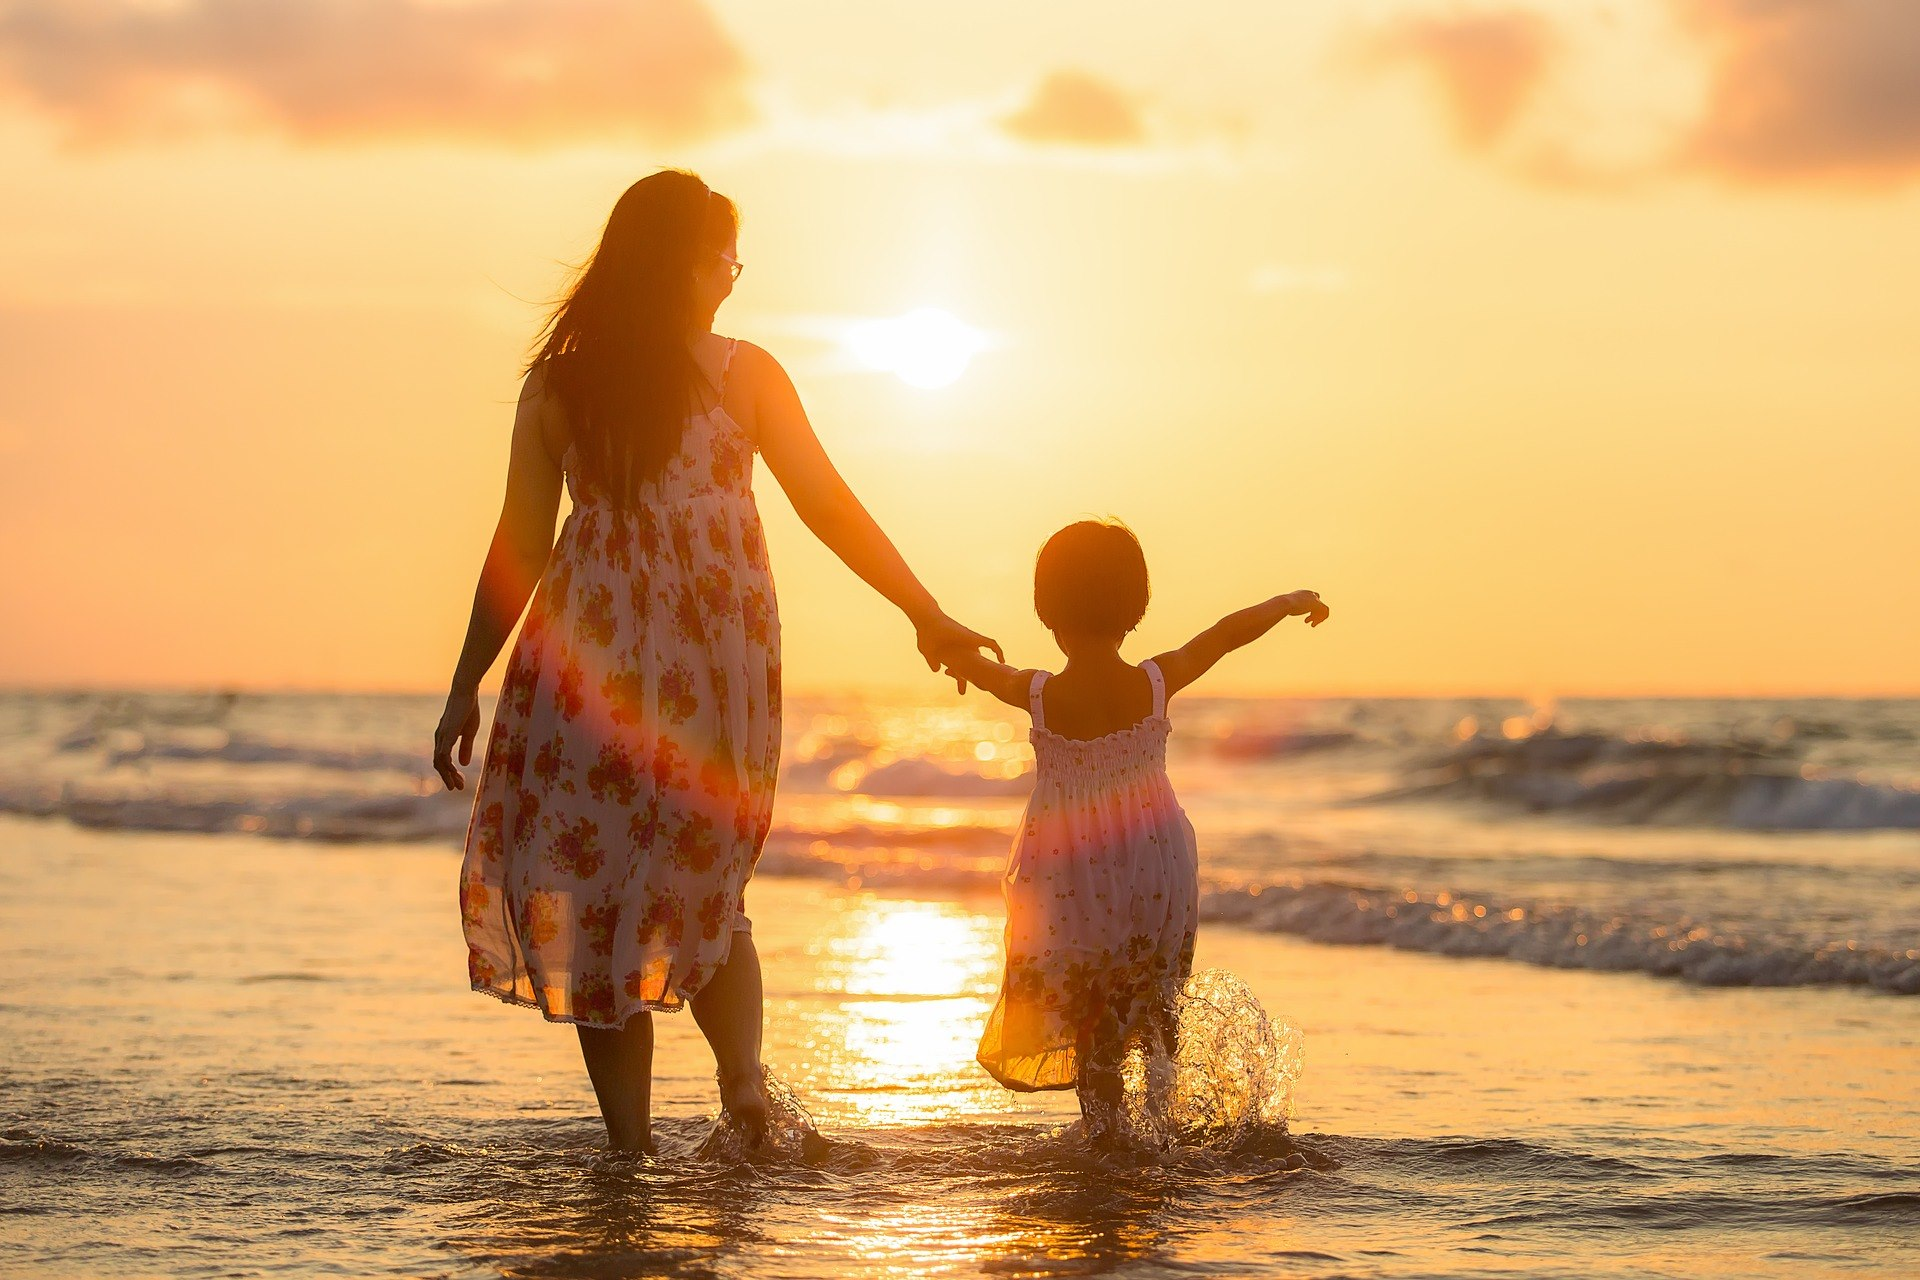 Moja relacja z matką – Warsztat dla Kobiet